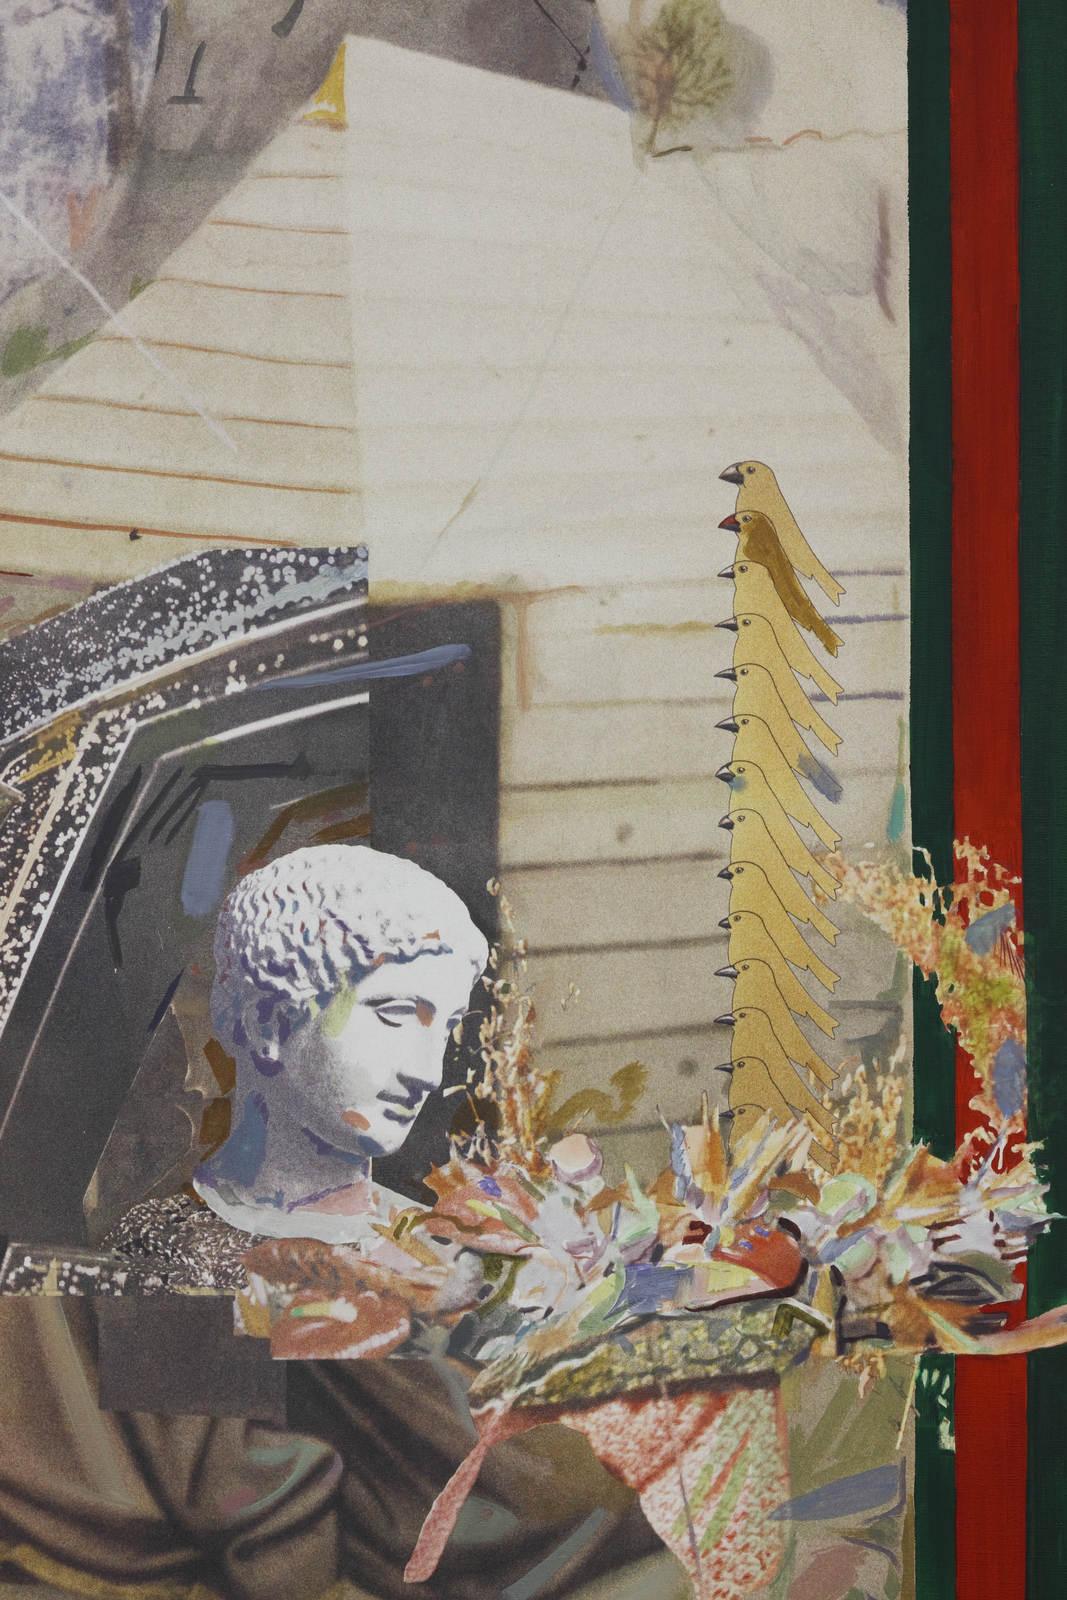 INGA_MELDERE_COLORING_BOOKS_Joachim's_Dream(detail),2016